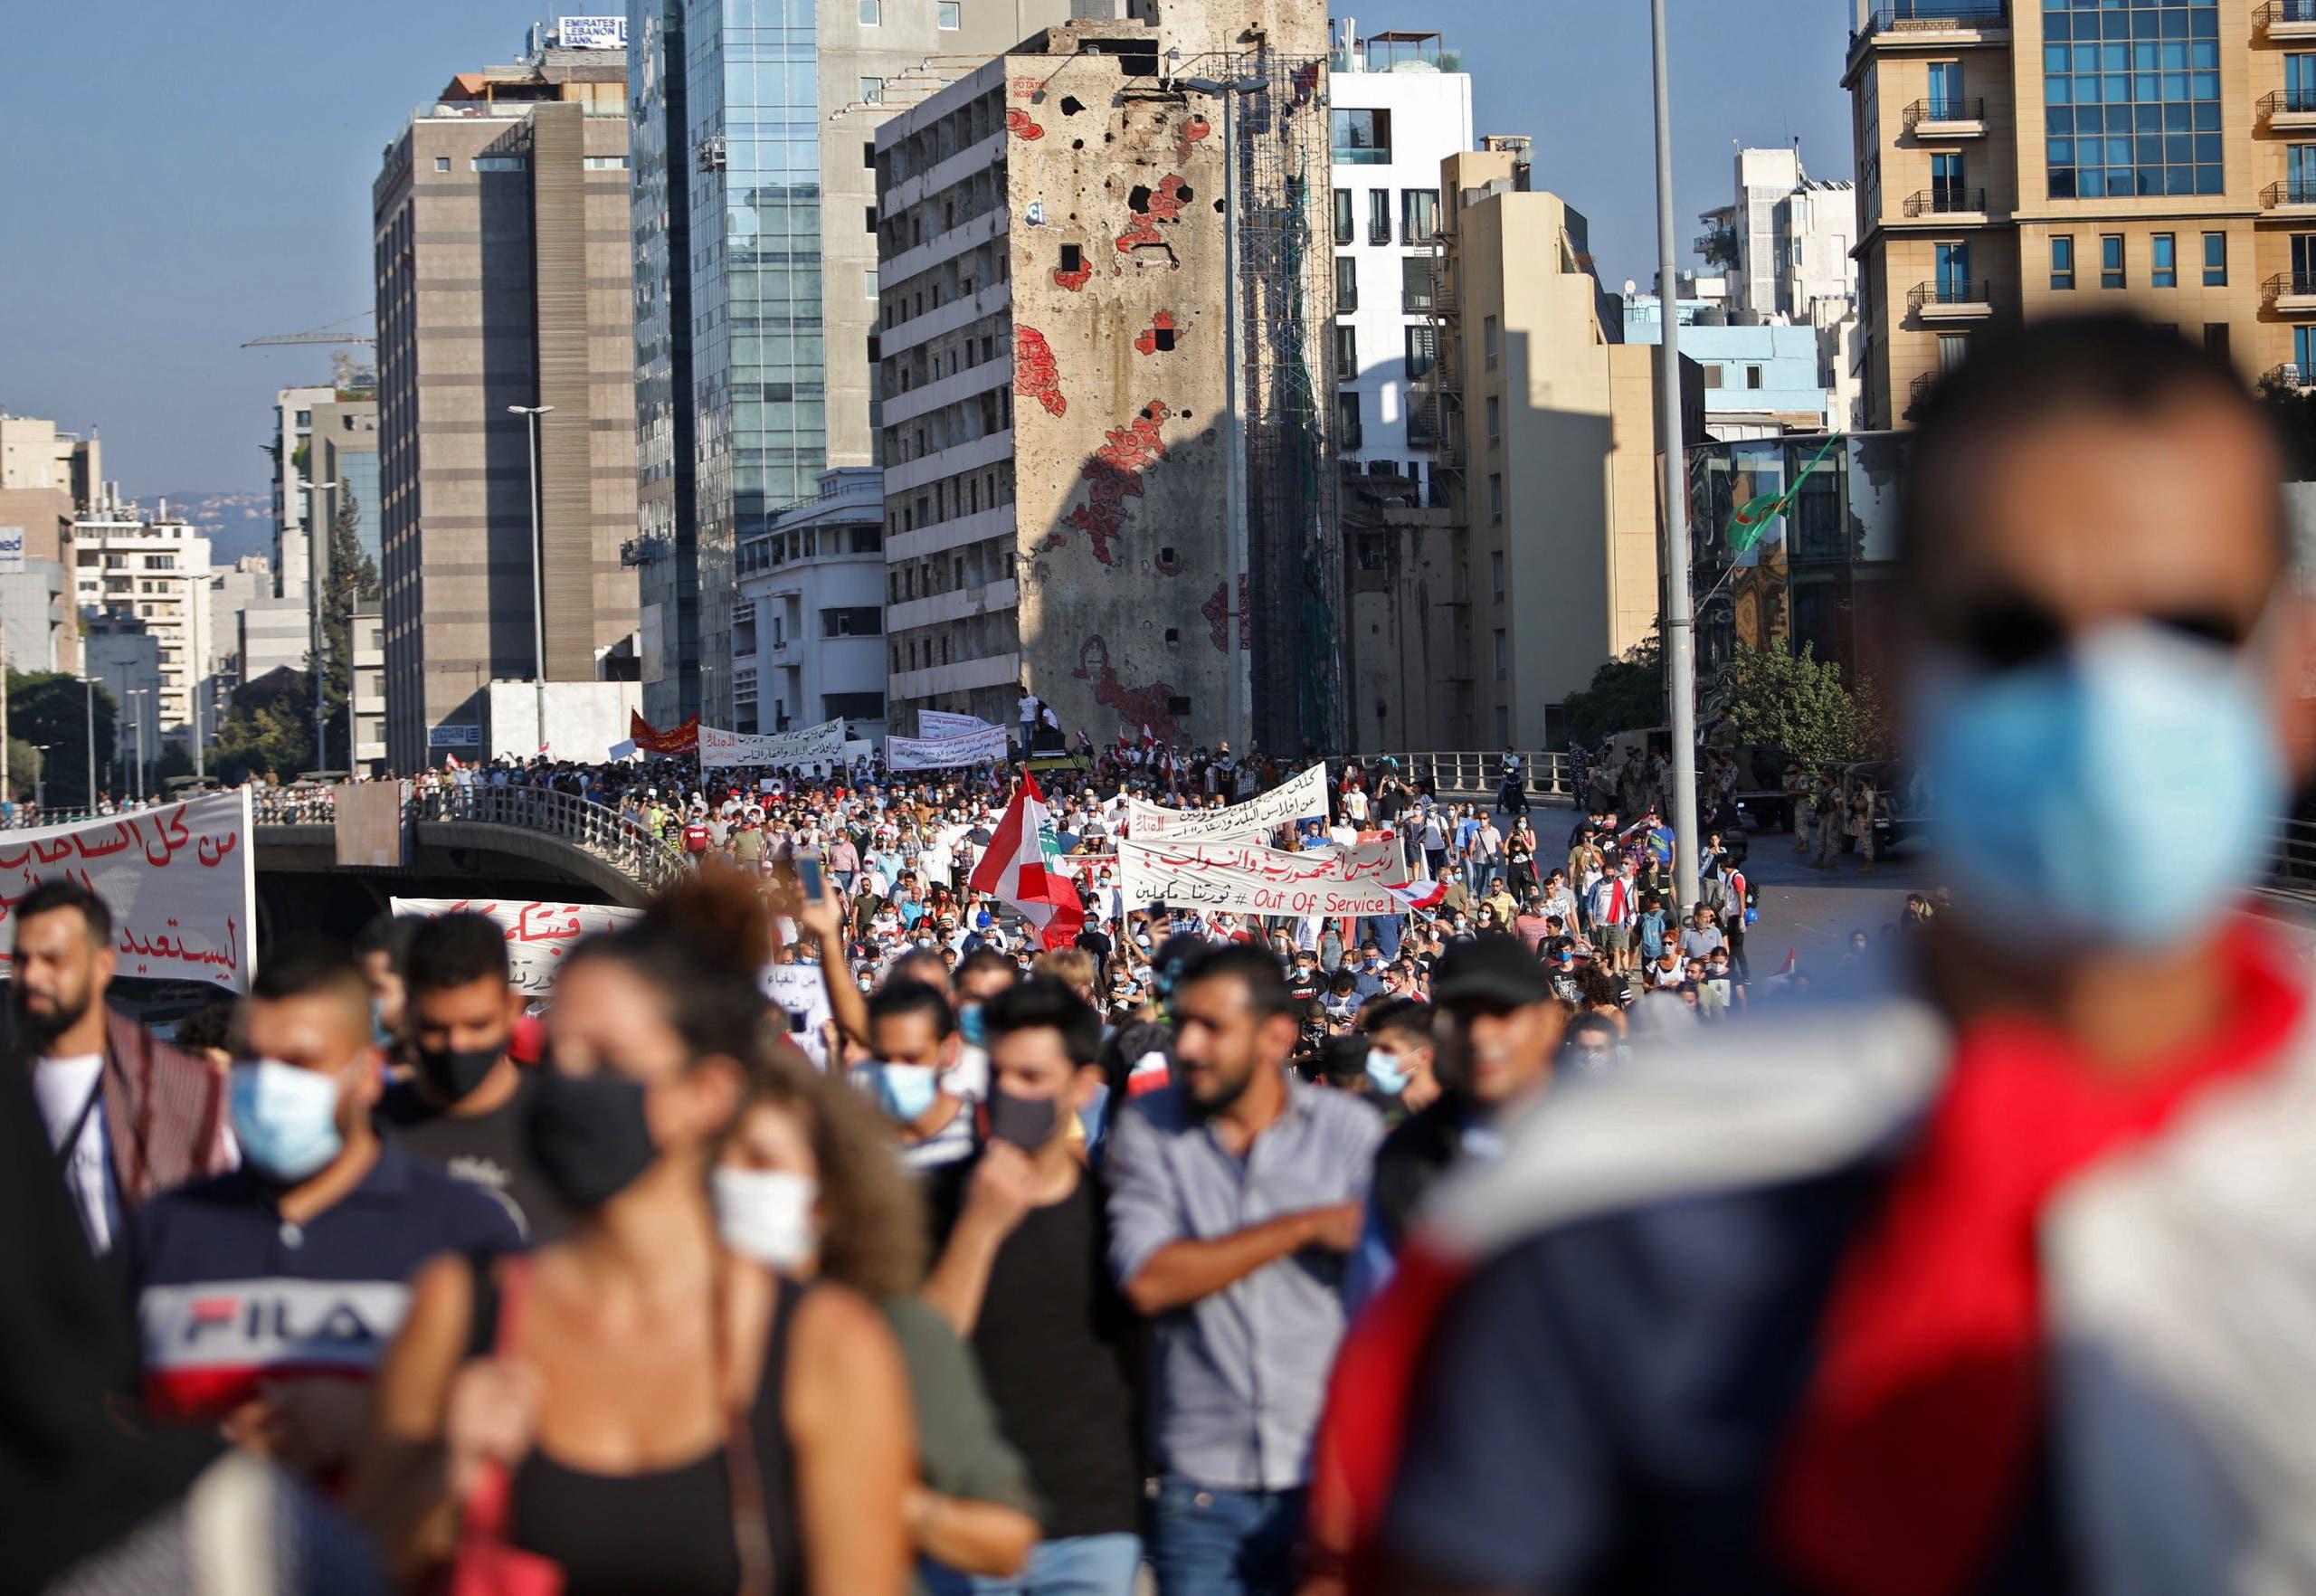 مسيرة في بيروت لإحياء ذكرى احتجاجات 17 اكتوبر 2019